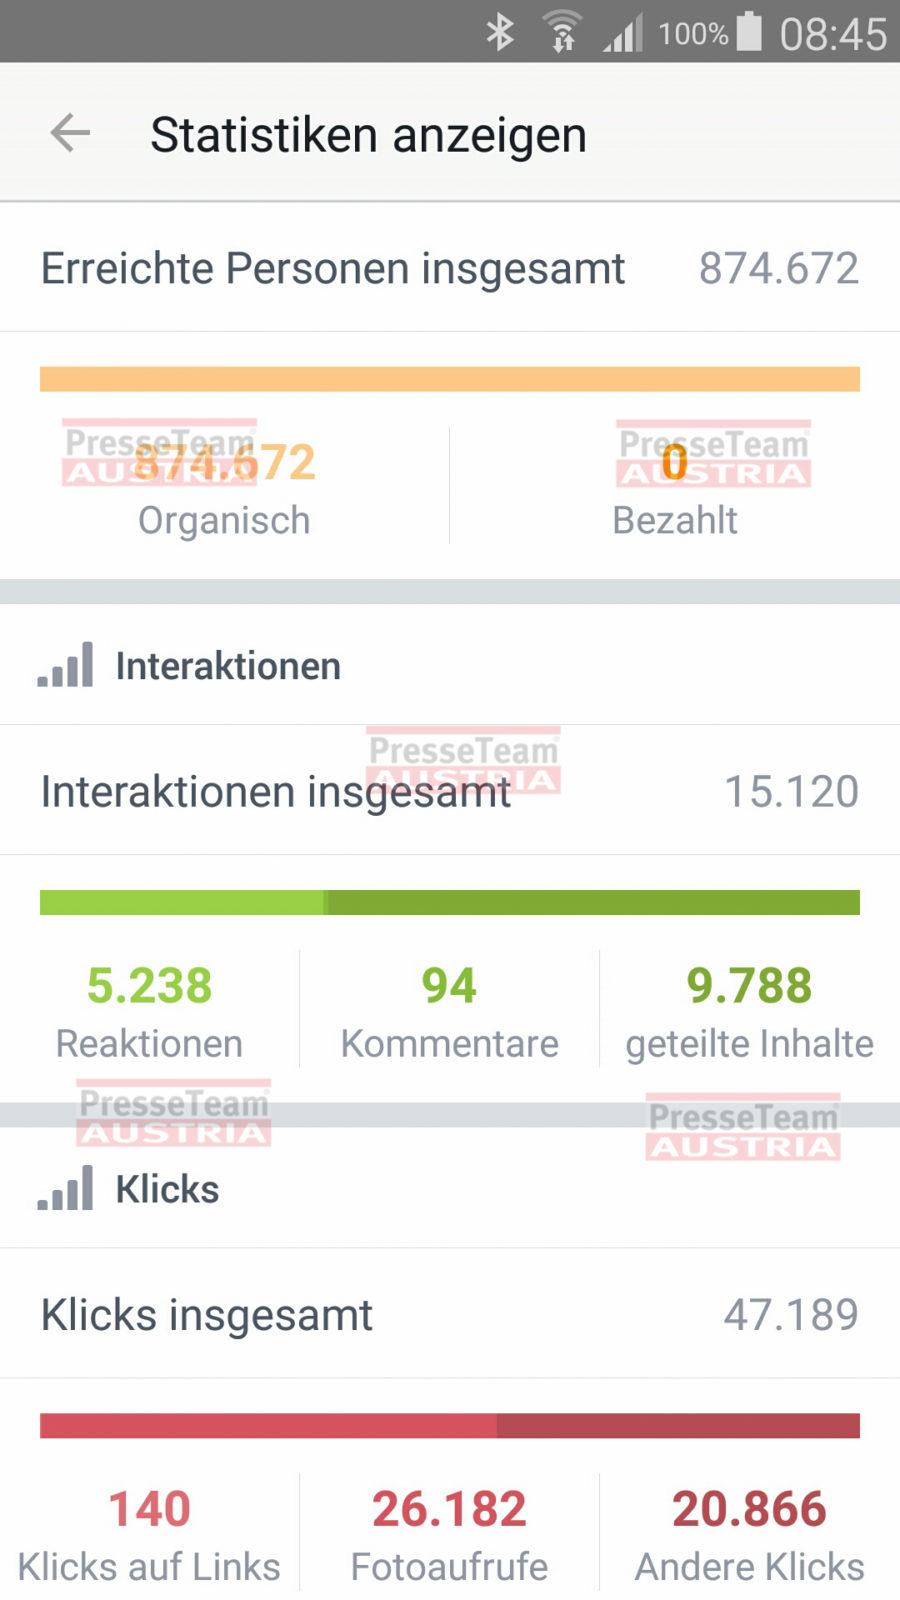 Facebook Marketing Schulung 27 - 10.730.101 Reichweite mit Facebook-Marketing: Der sichere Weg zu Ihrer Zielgruppe!